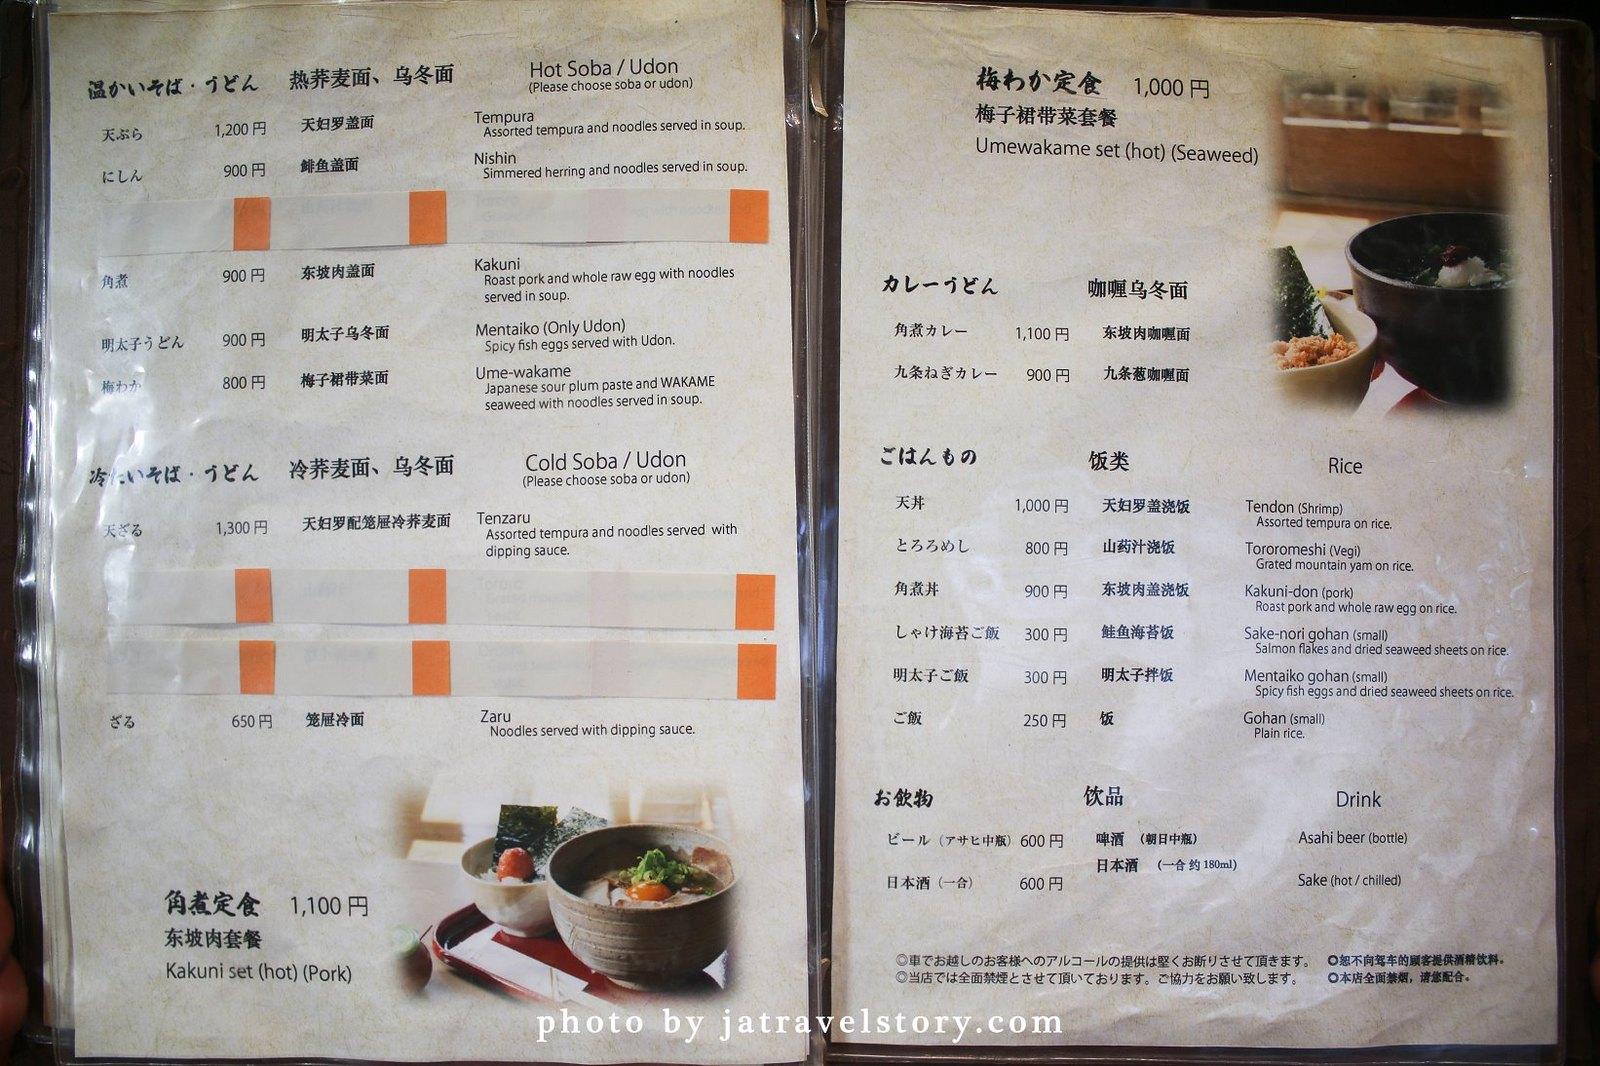 戶隱手打蕎麥麵 天婦羅蕎麥麵套餐只要900円,炸蝦彈牙鮮甜好吃!【京都嵐山美食】 @J&A的旅行